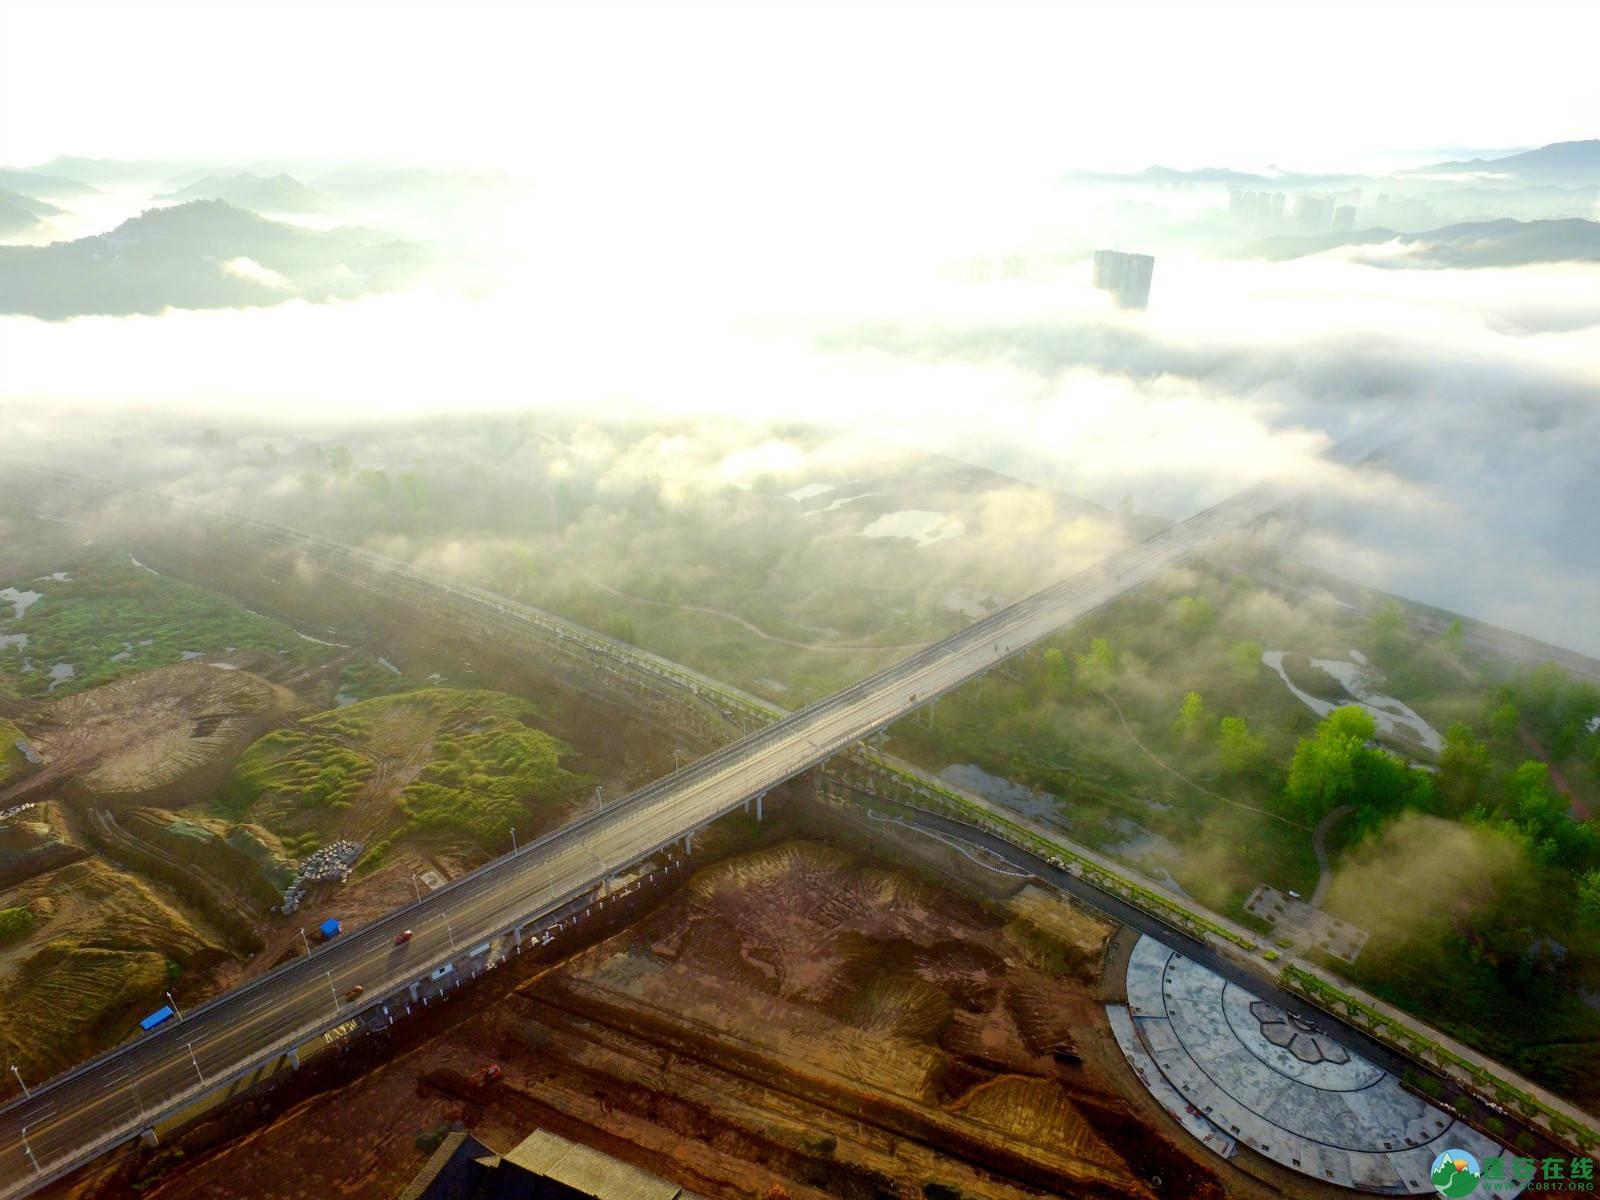 雾境蓬安 - 第3张  | 蓬安在线